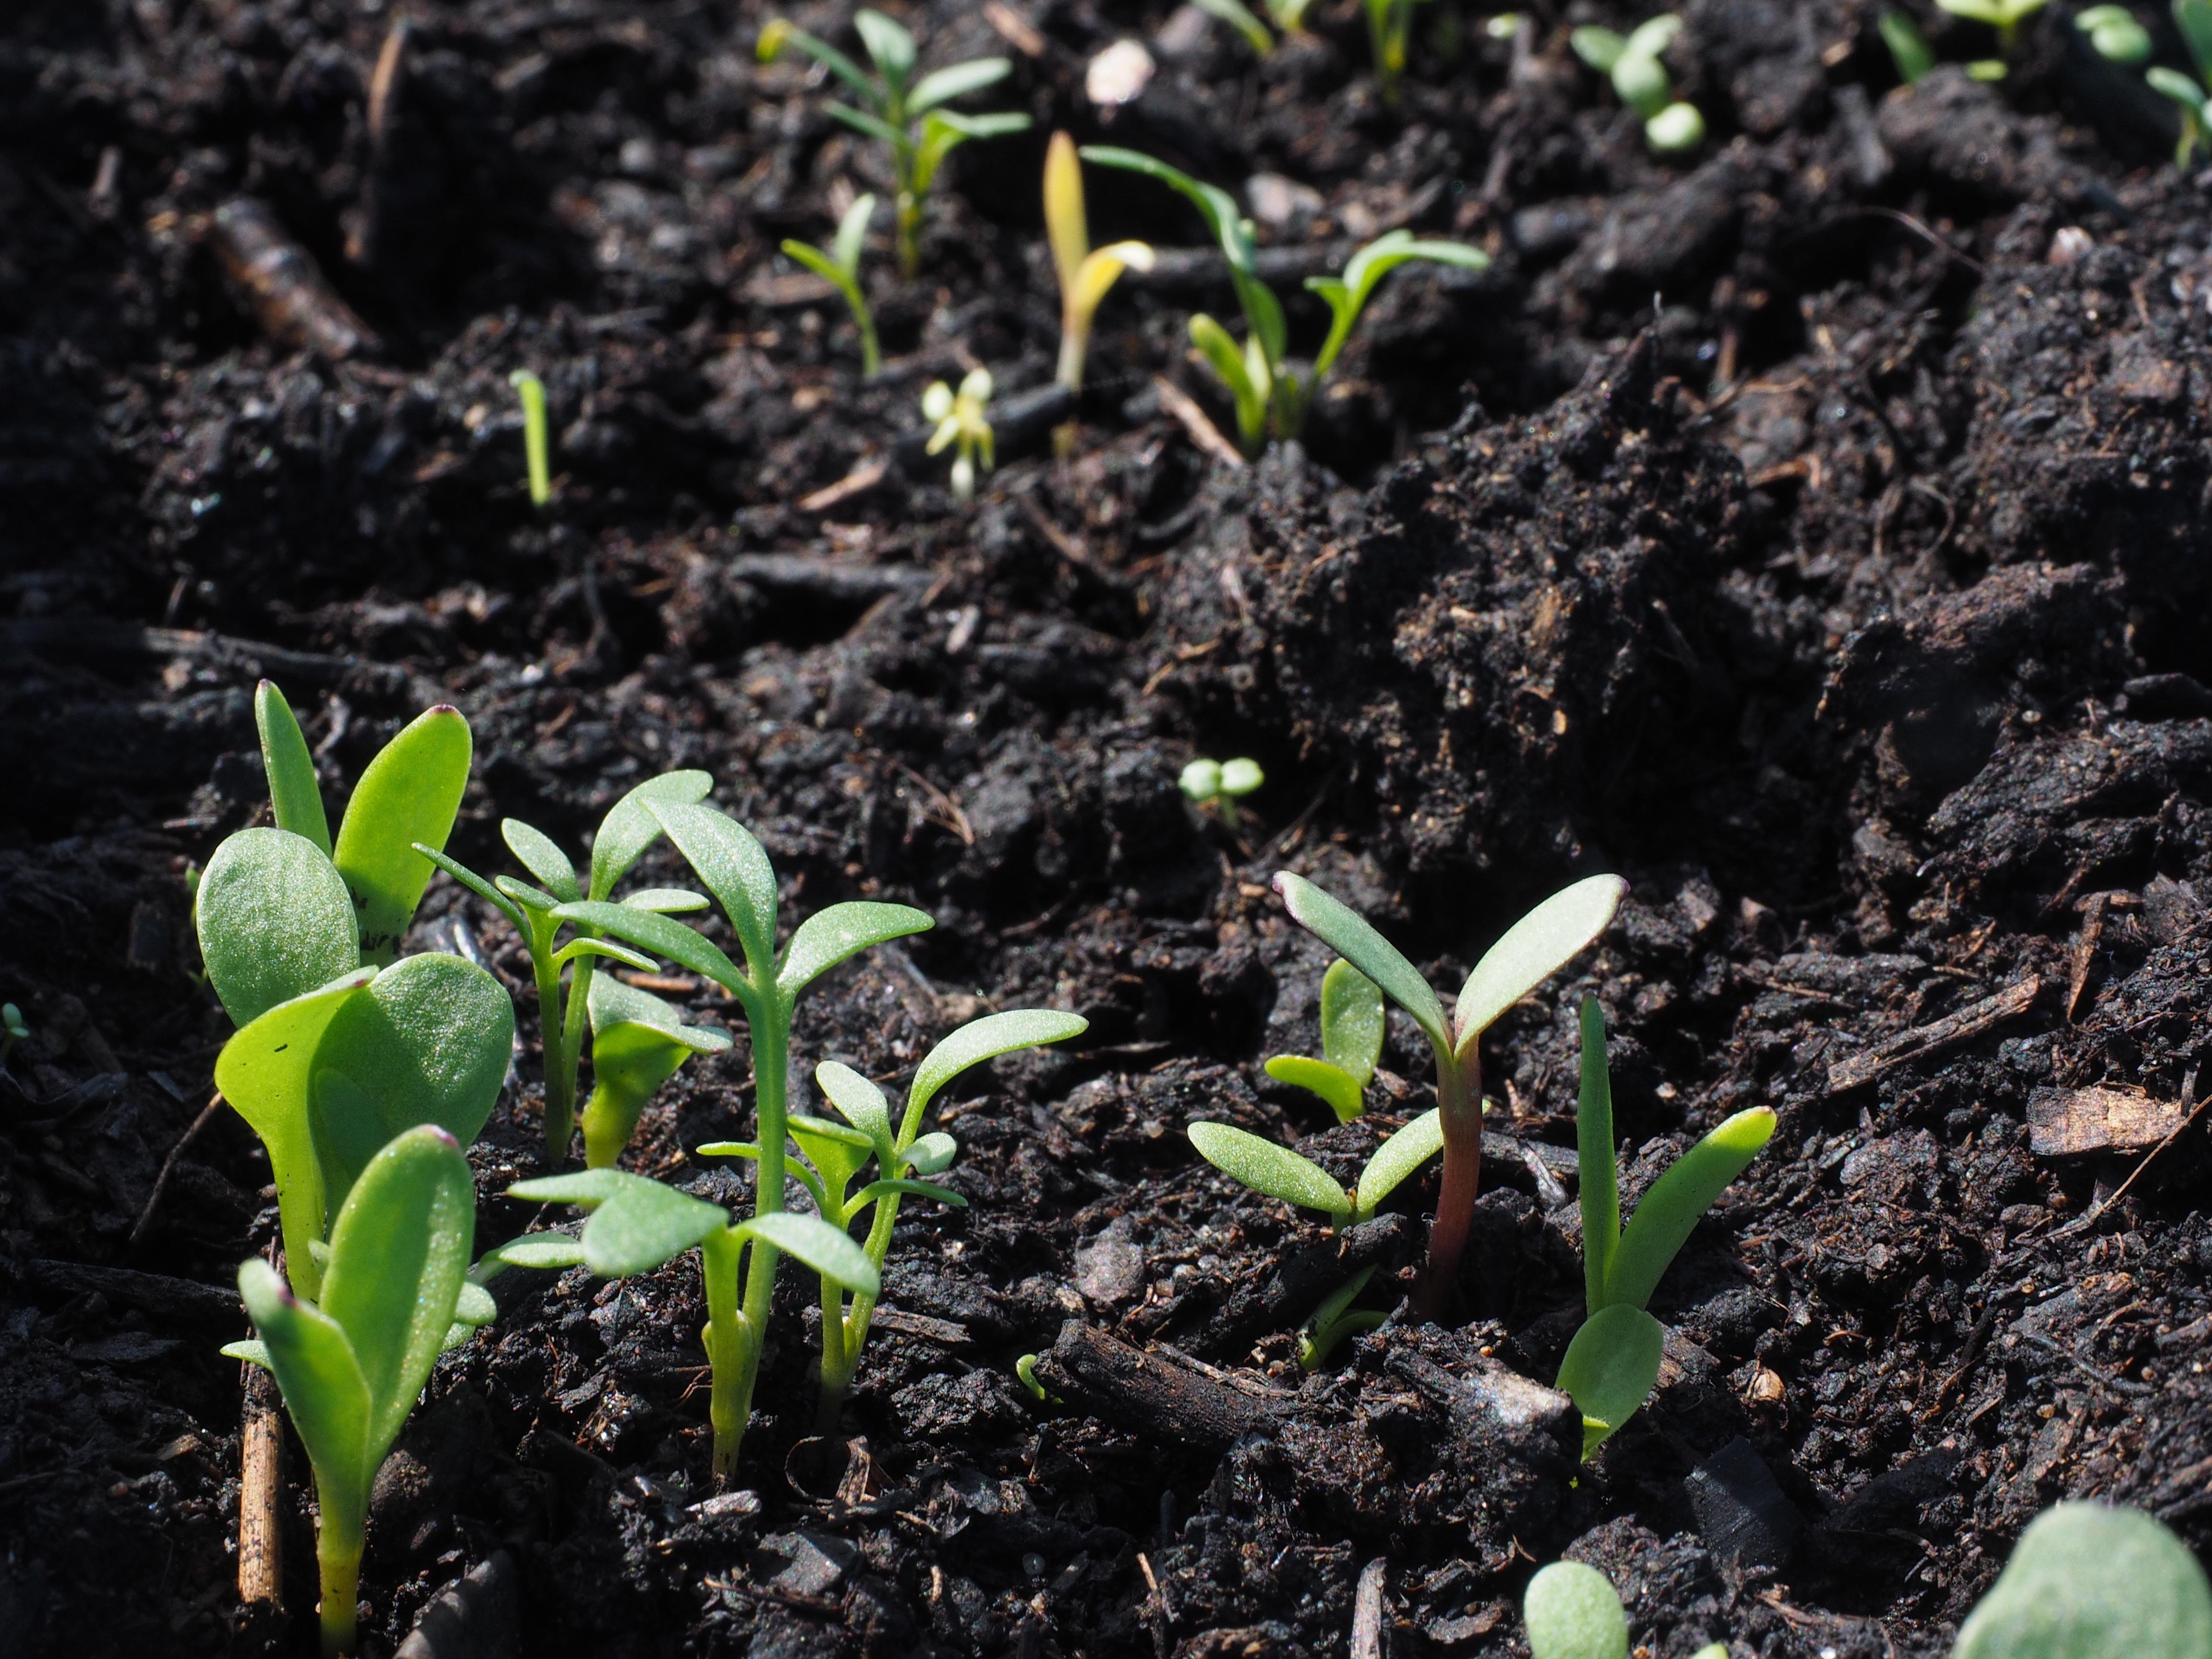 被忽視的土壤生物多樣性 生態監測短板需彌補